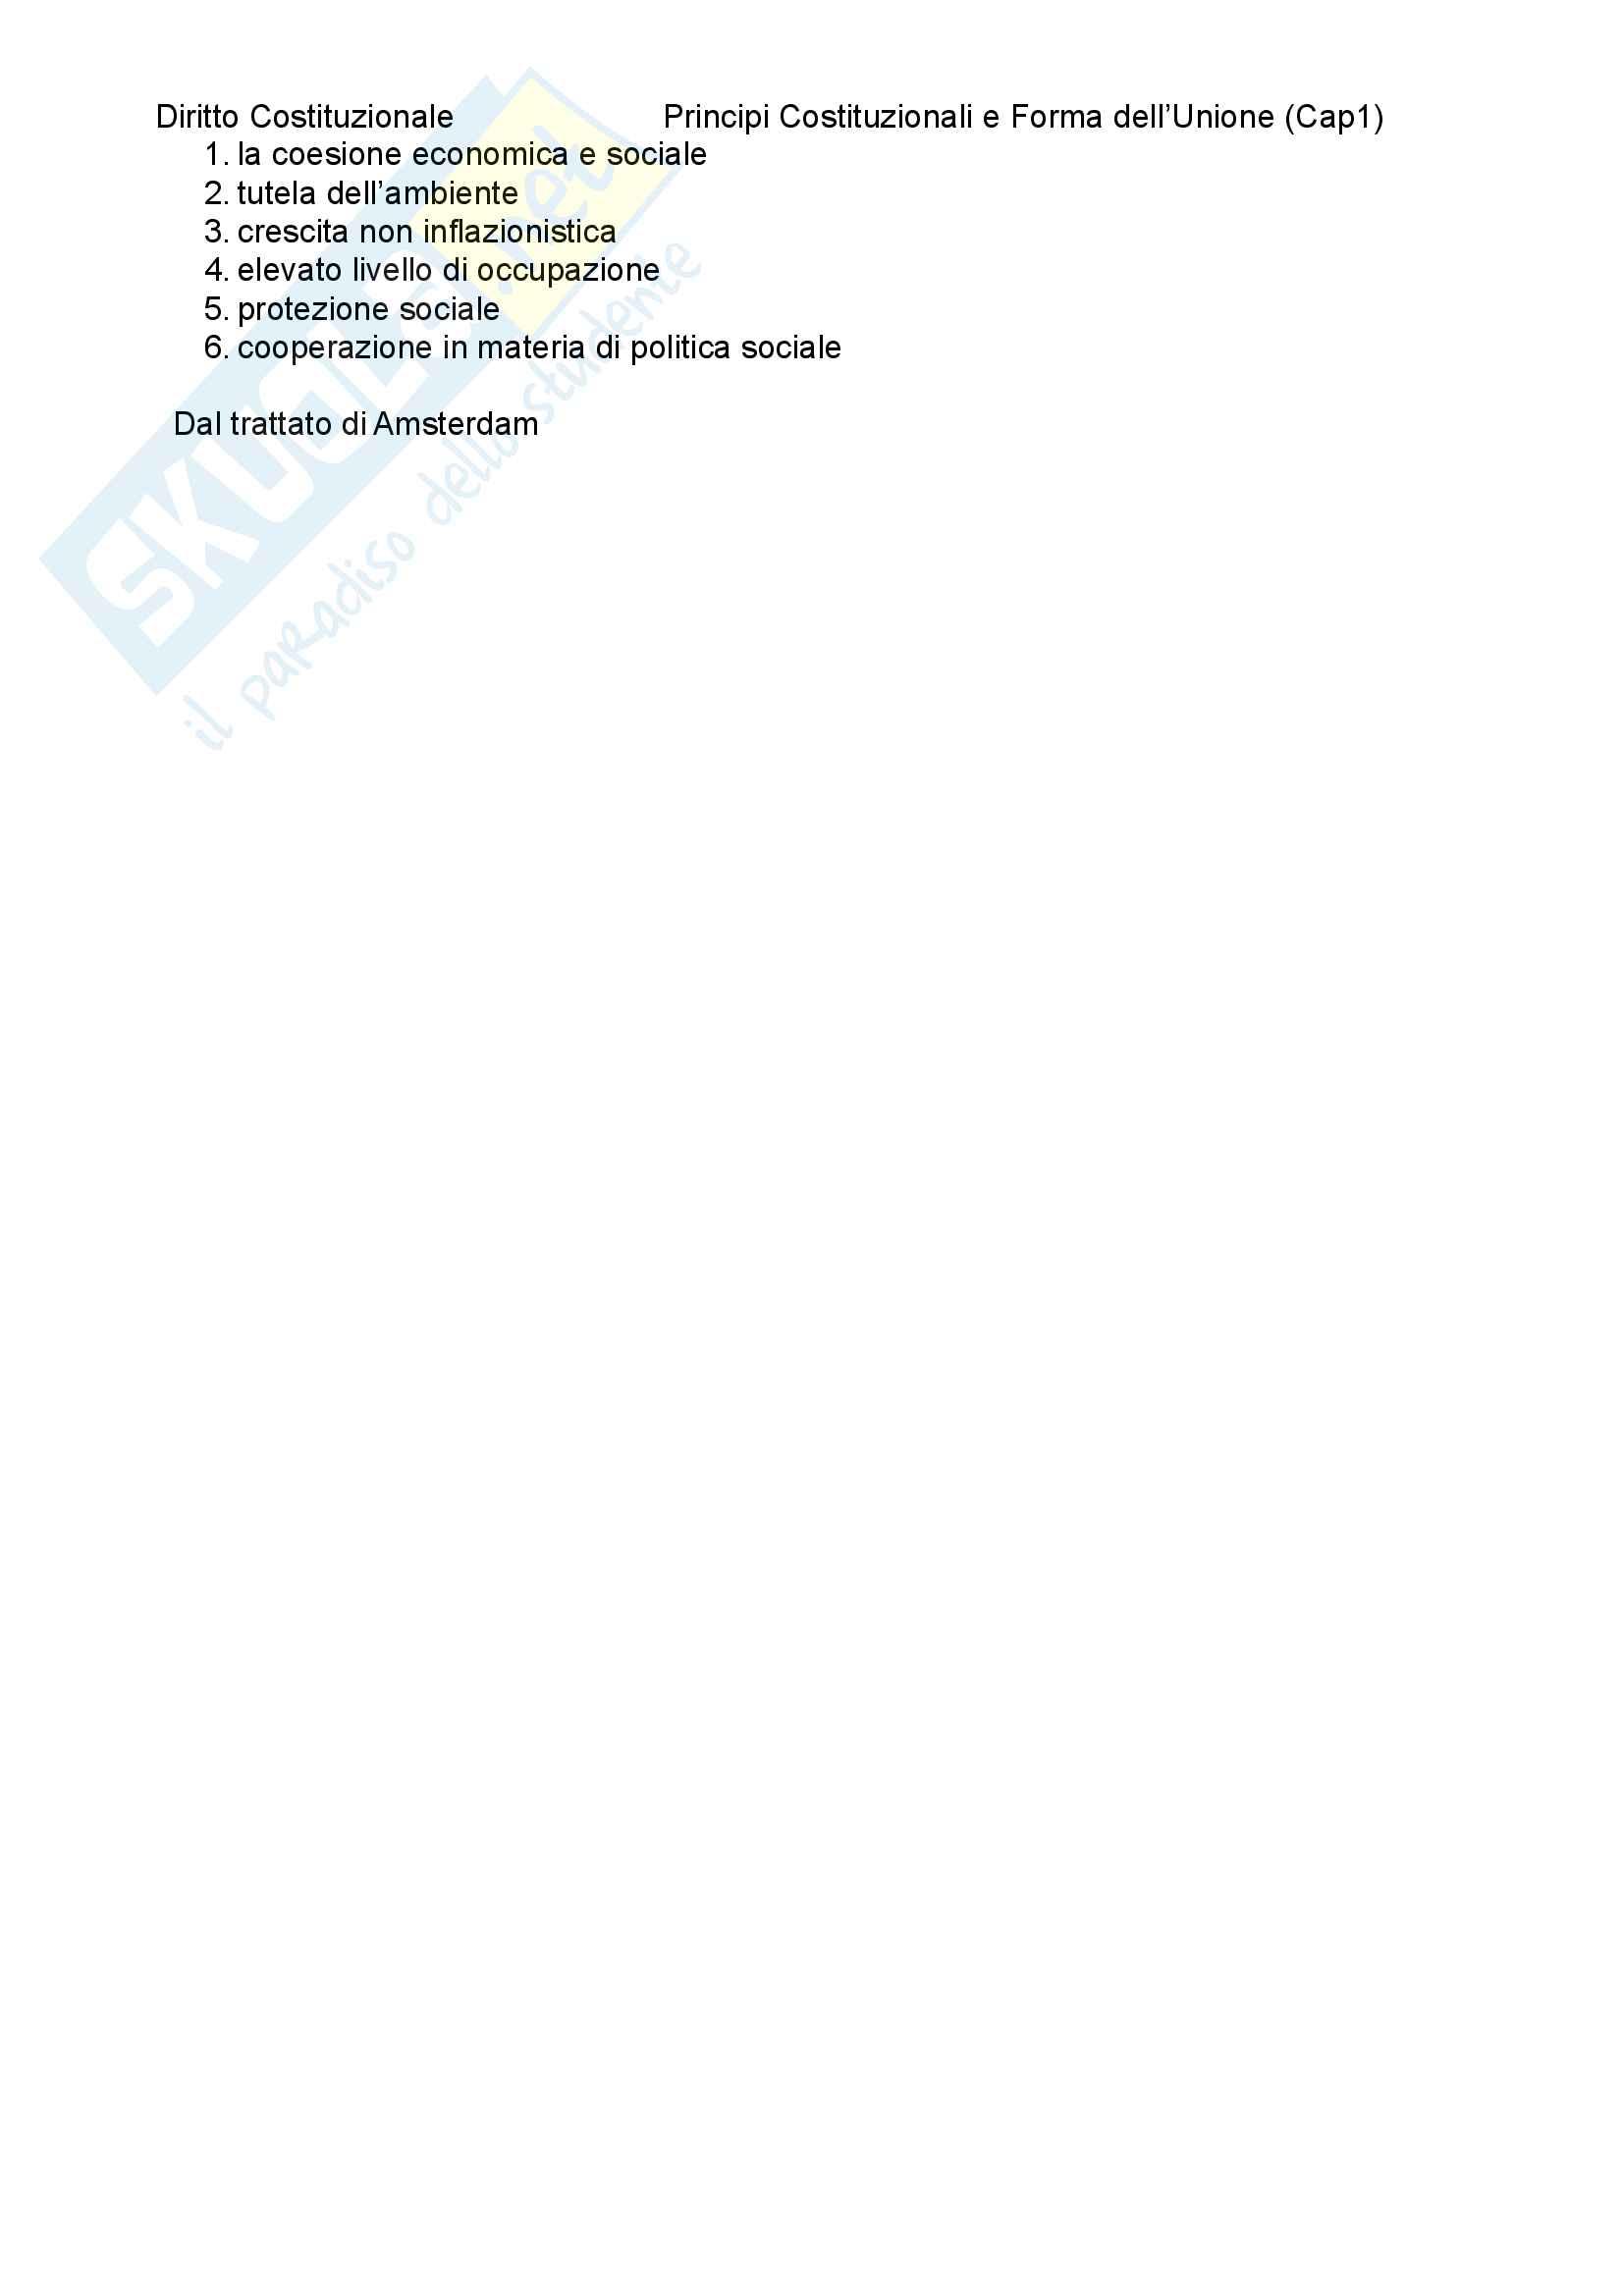 Riassunto esame diritto costituzionale, prof. Mezzetti, libro consigliato principi costituzionali Pag. 6